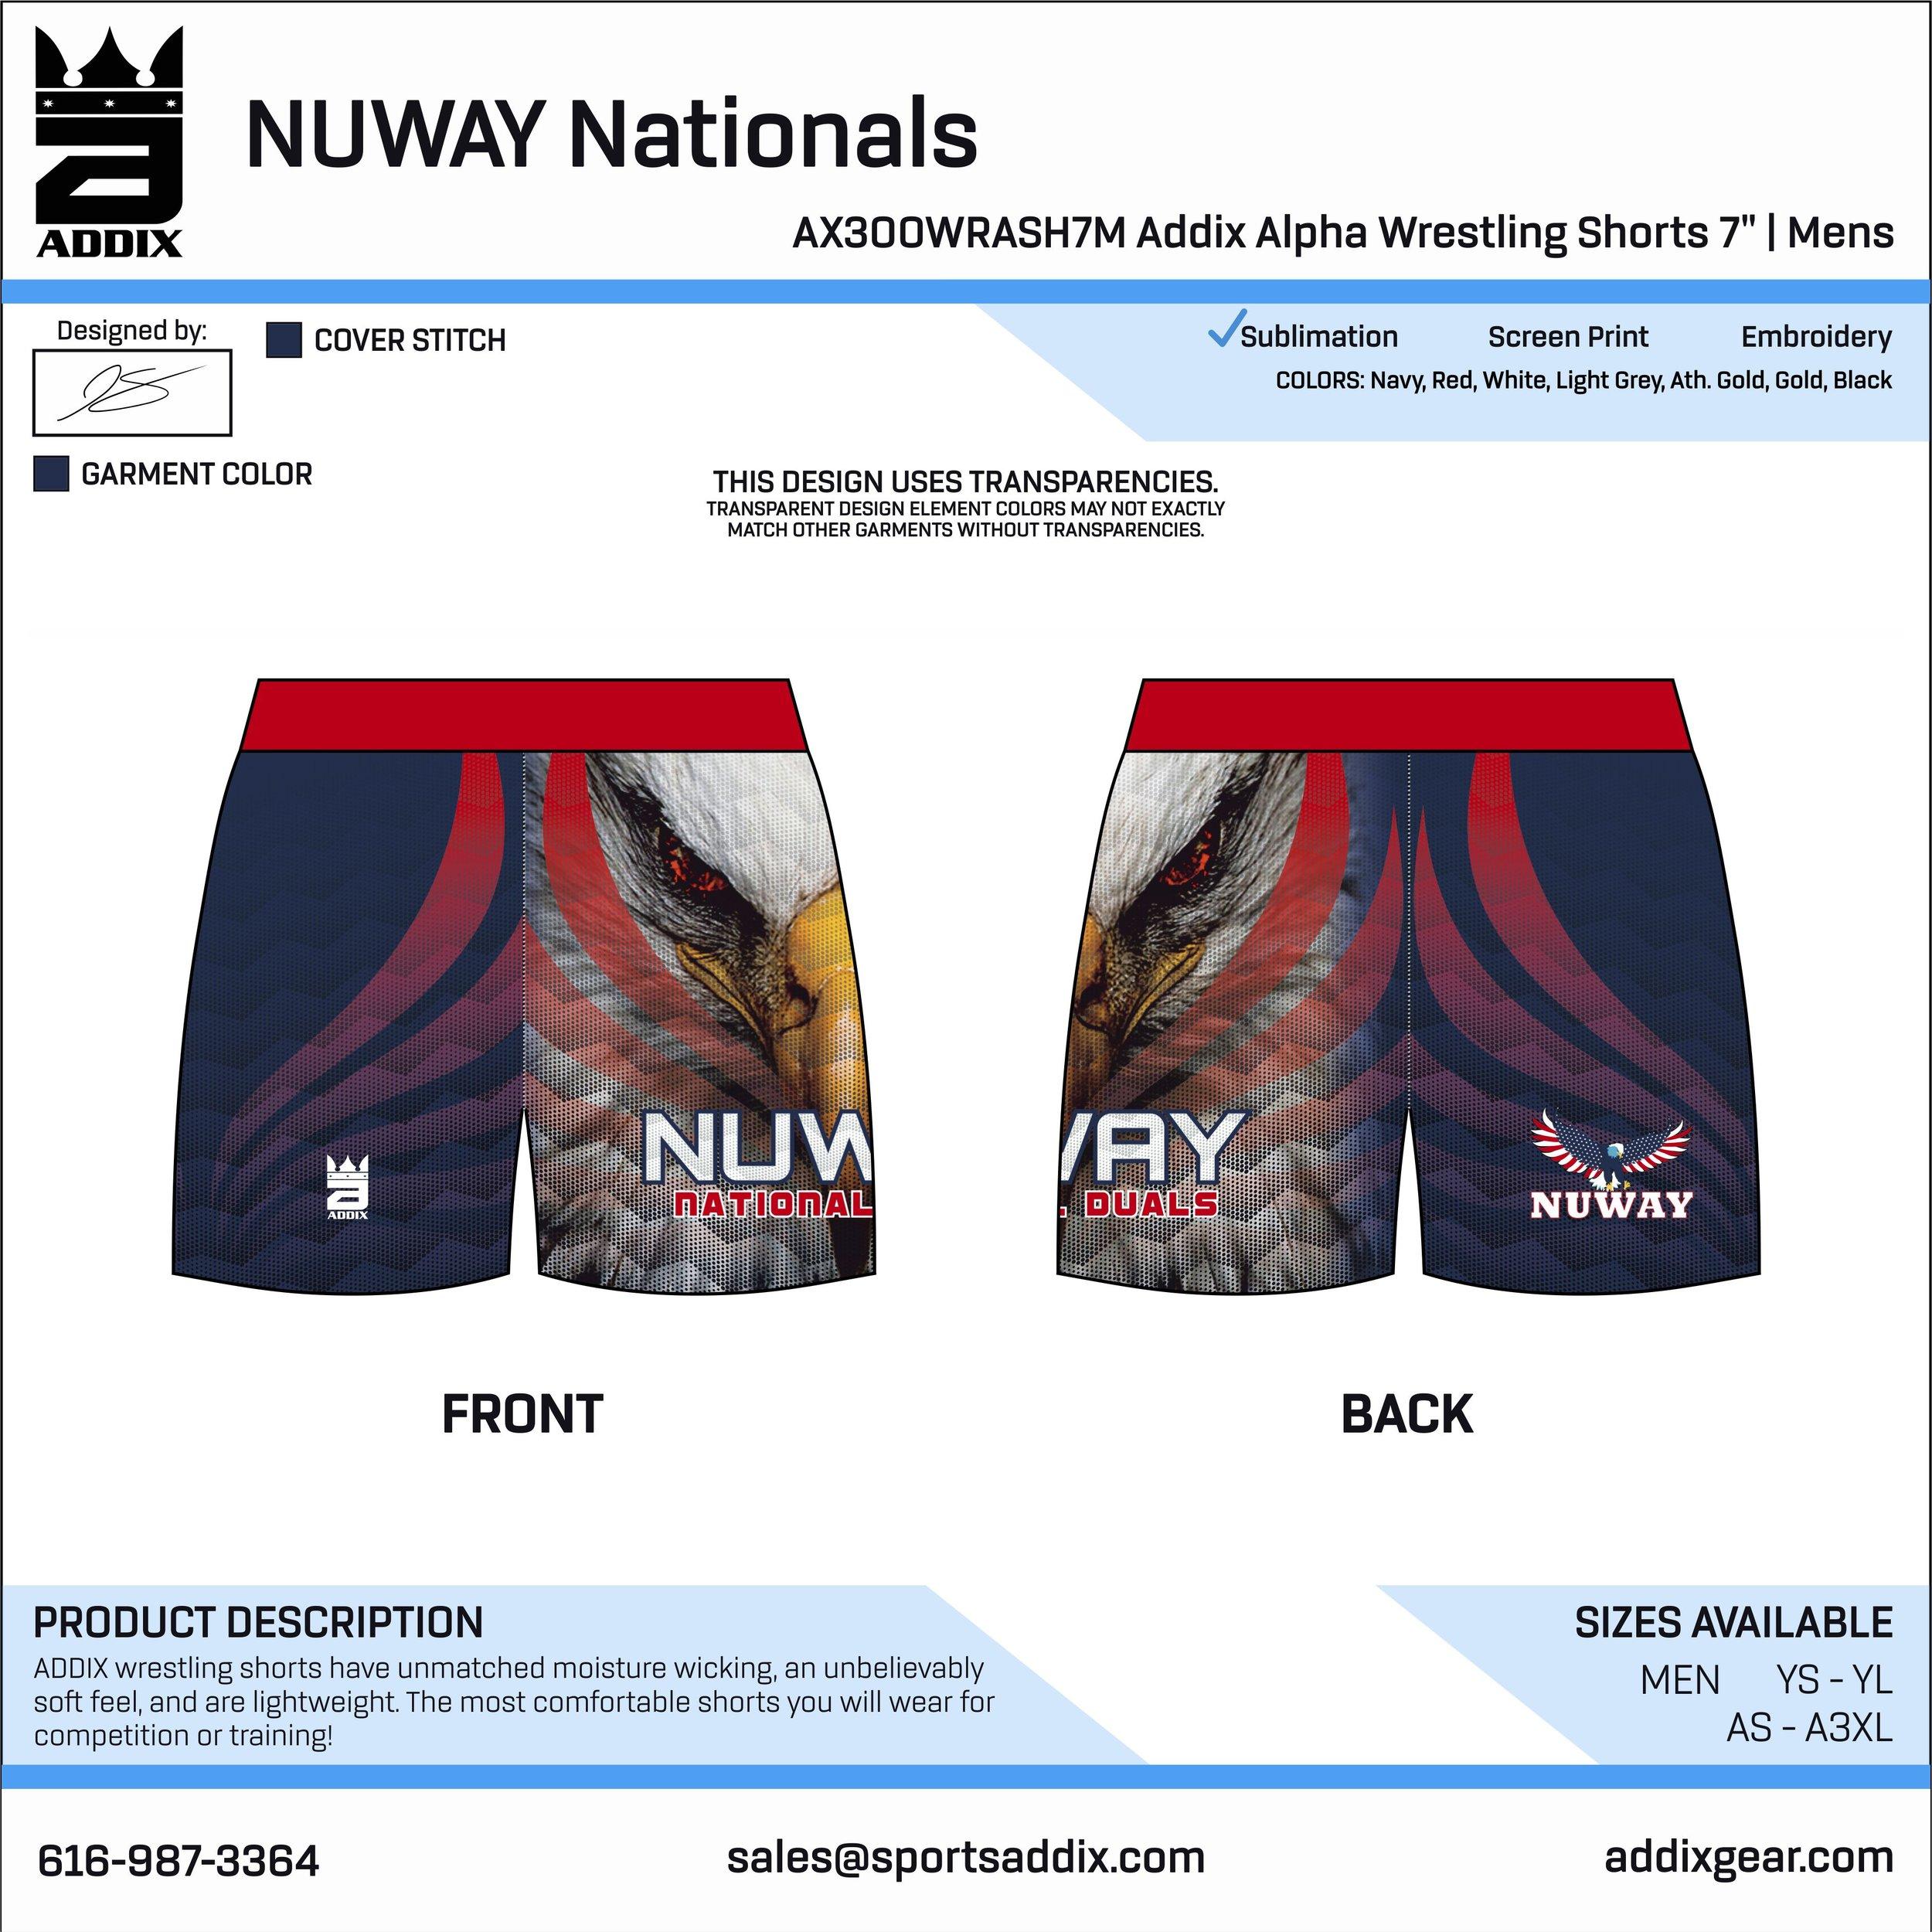 NUWAY Nationals_2018_11-16_JE_Alpha Wrestling Shorts.jpg